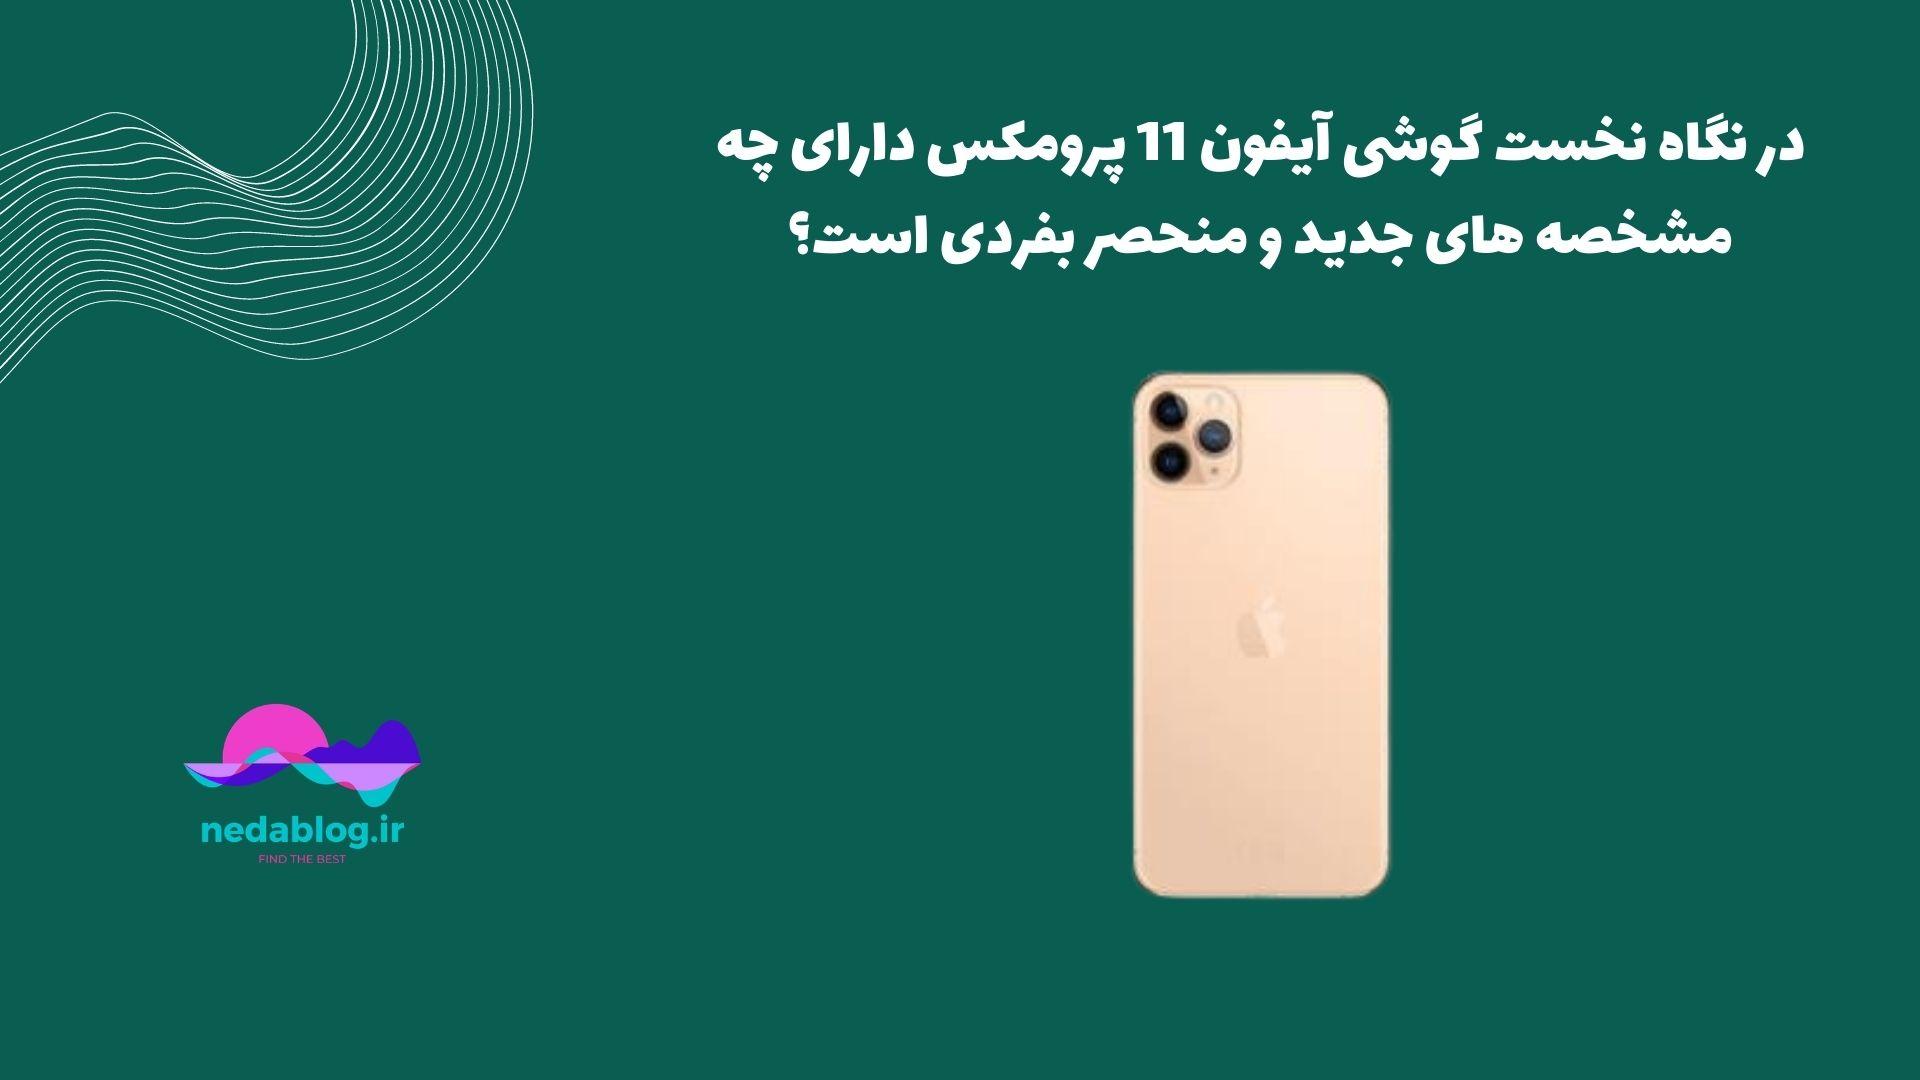 در نگاه نخست گوشی آیفون 11 پرومکس دارای چه مشخصه های جدید و منحصر بفردی است؟